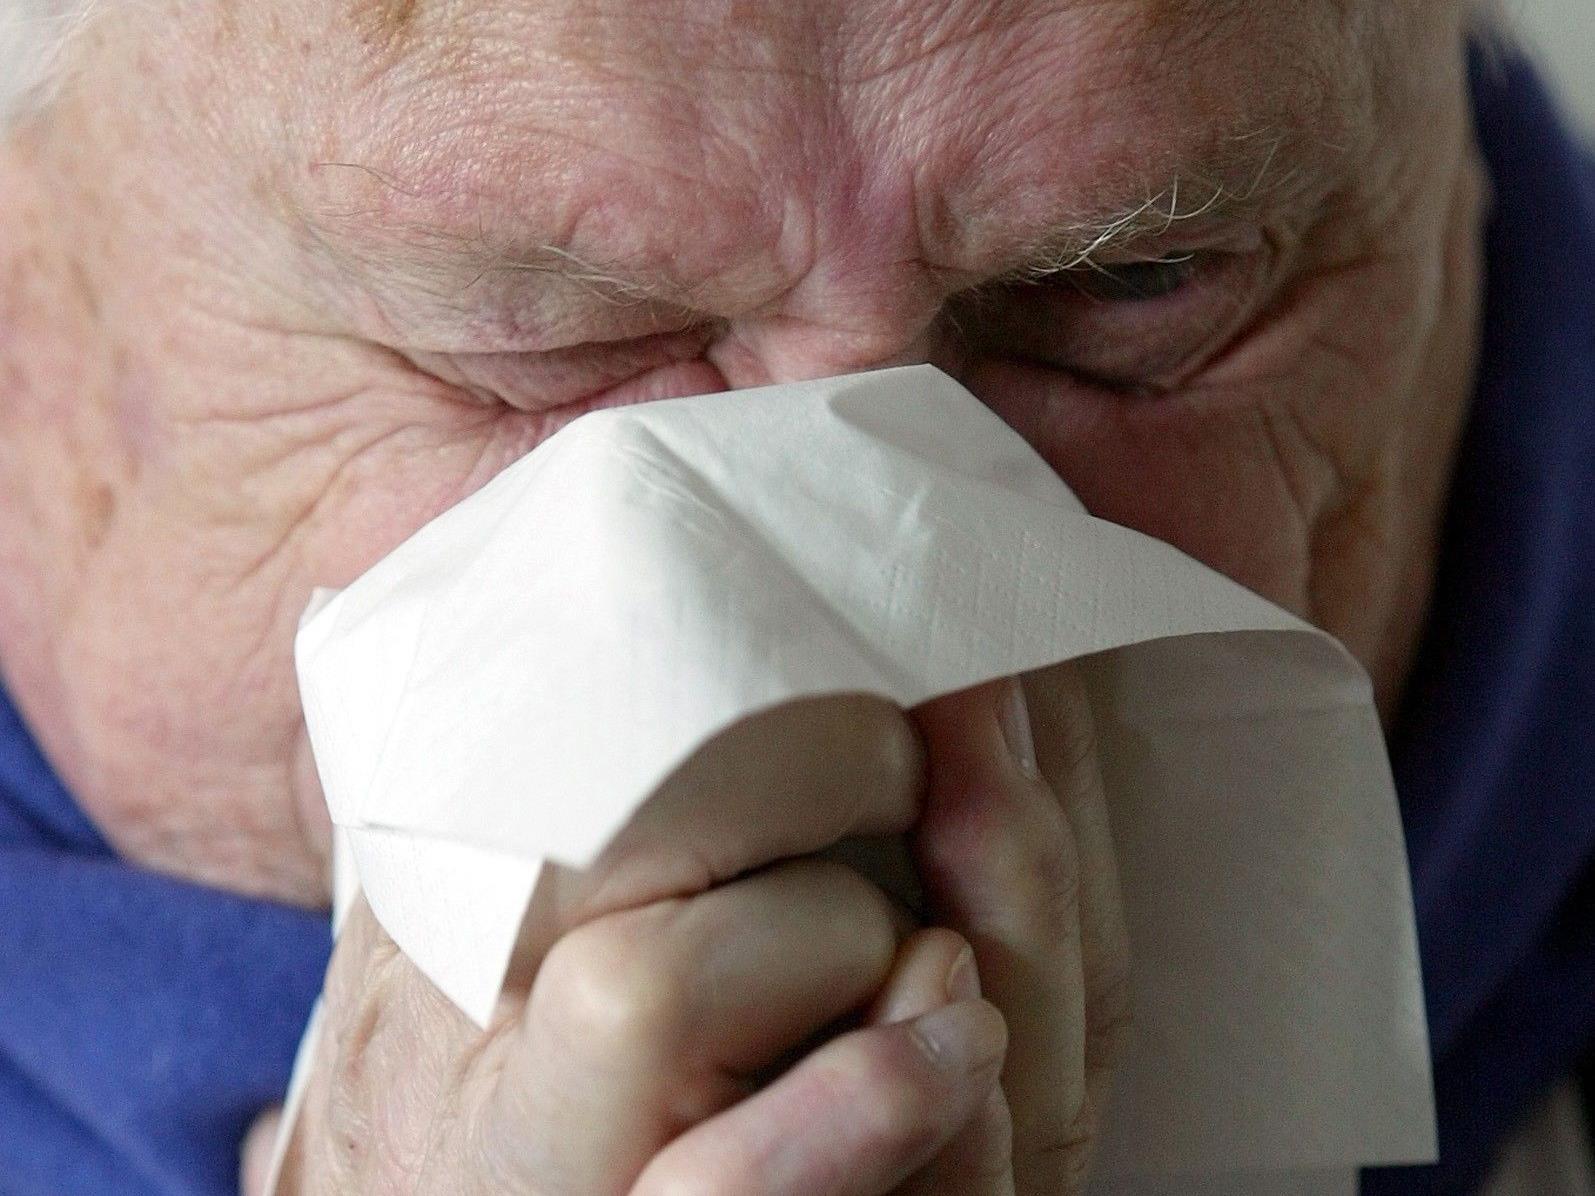 Die Influenza hält Einzug in Österreich. Es werden bis zu 300.000 Erkrankungen erwartet.